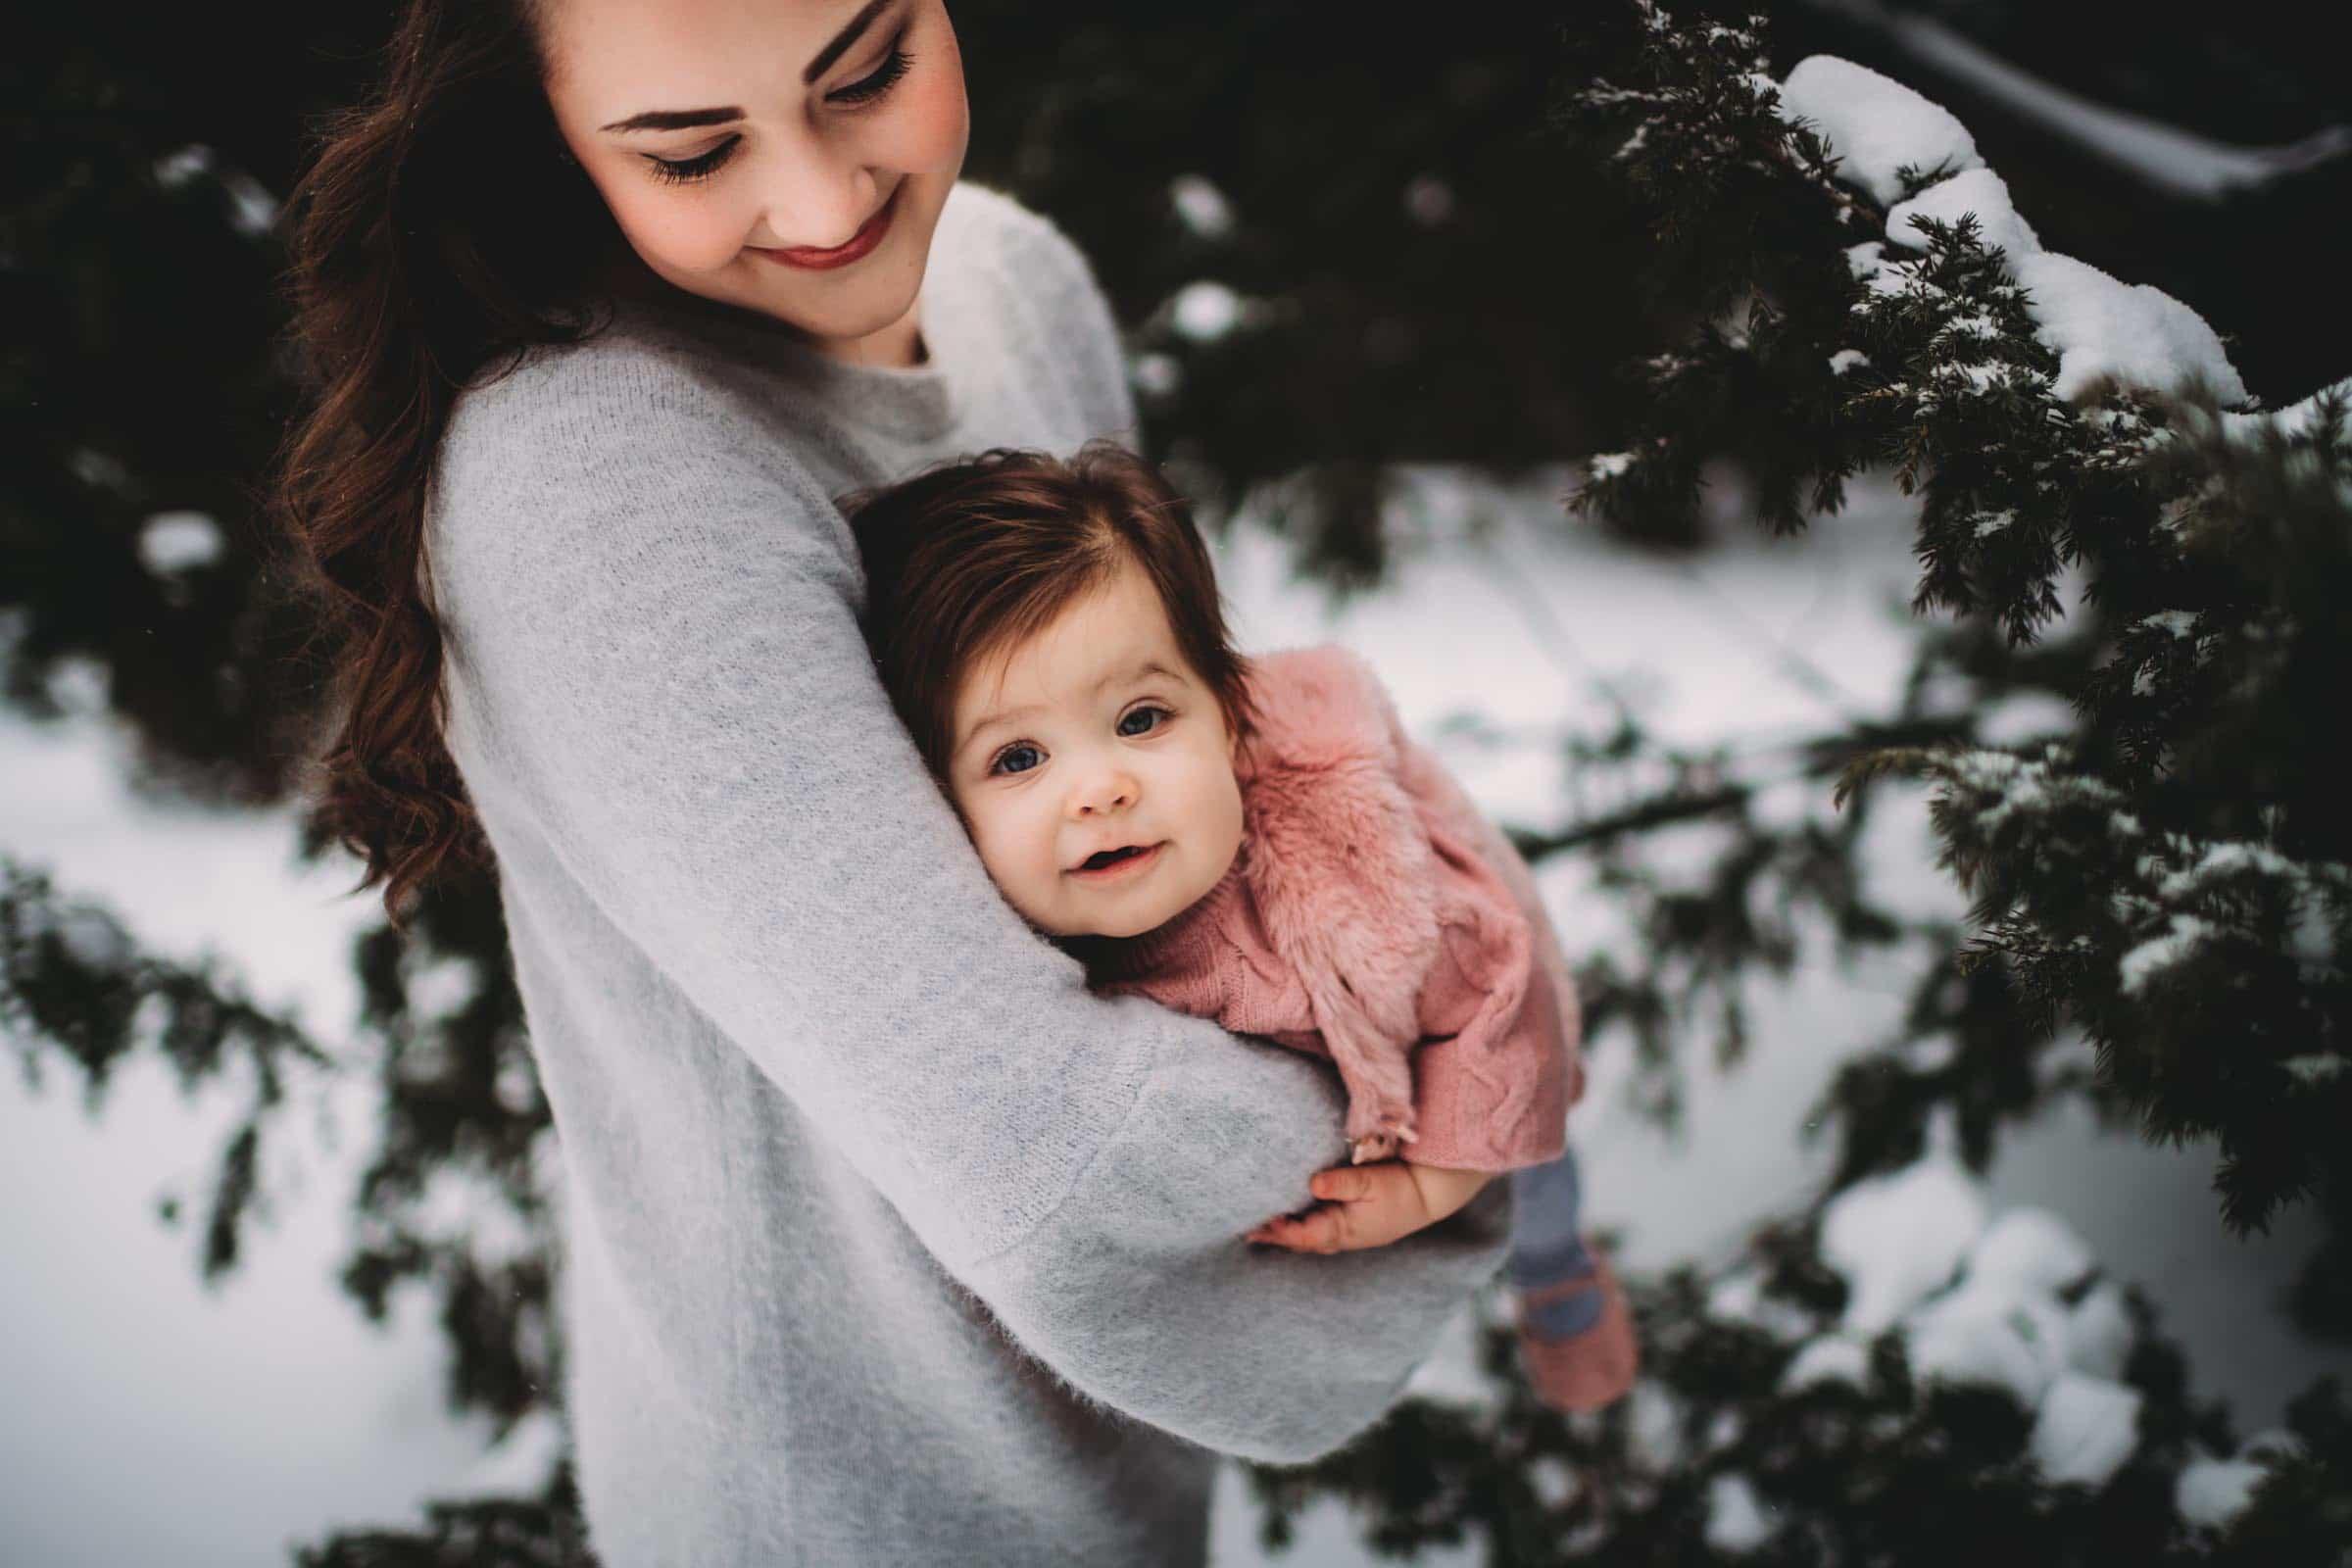 Mom Holding Little Girl in Snow